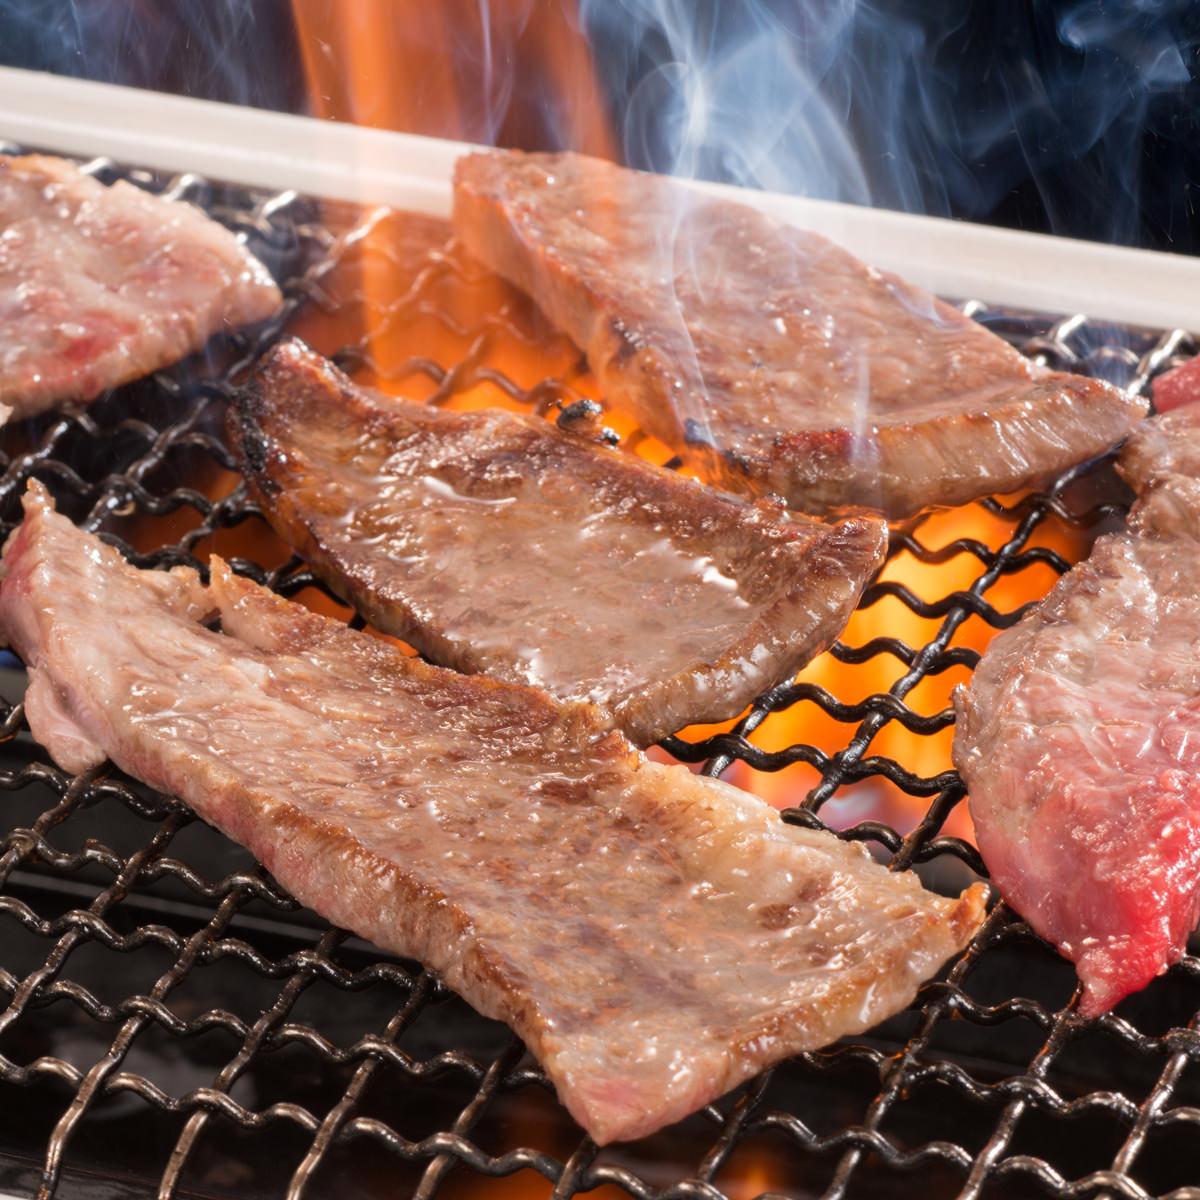 松坂まるよし お祝いやおもてなしにも喜ばれる美味しさ 松阪牛焼肉 肩肉 モモ肉 バラ肉〔300g〕